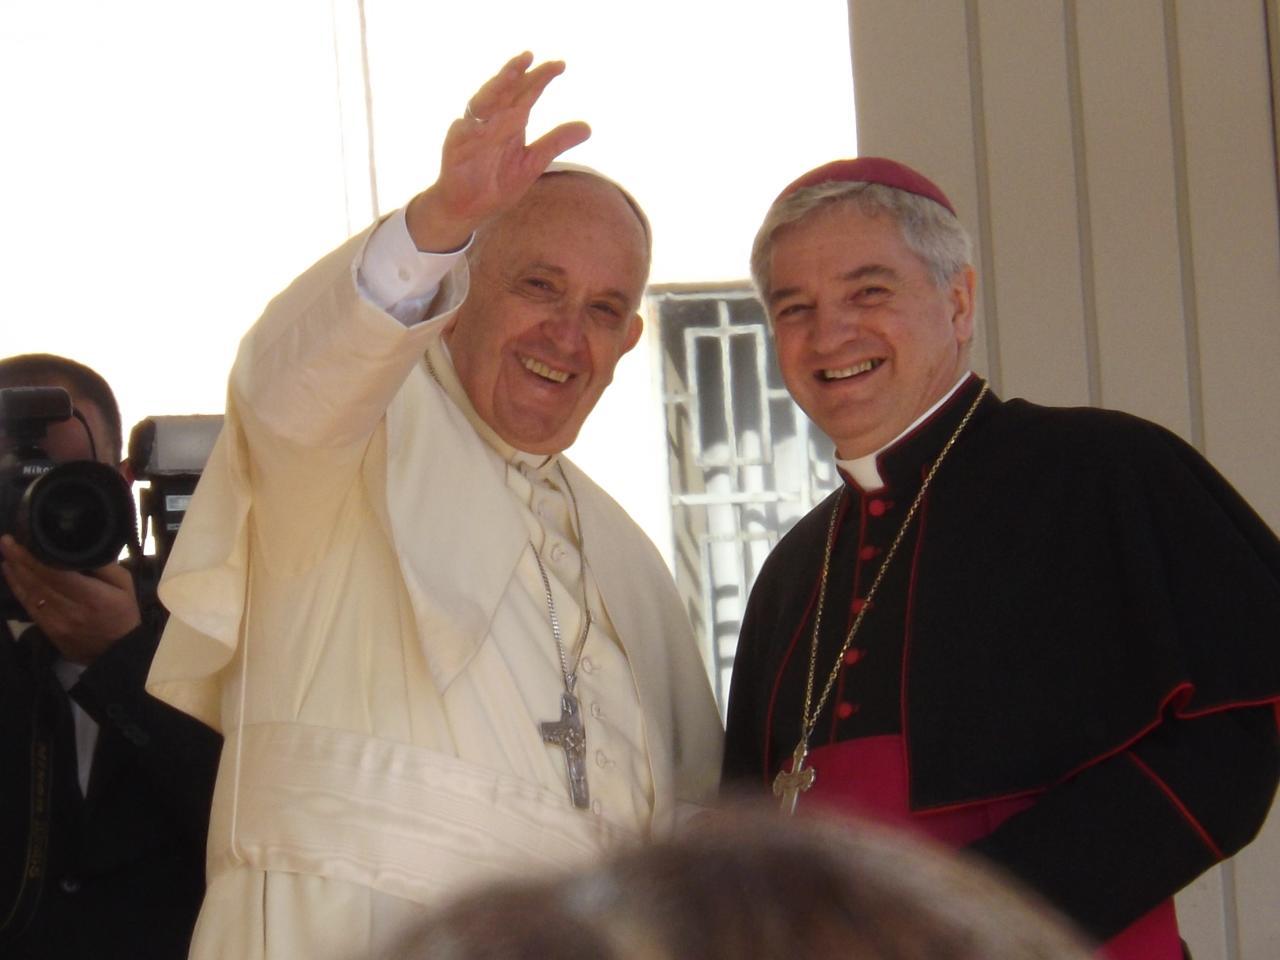 Communiqué de l'évêque de Bayonne, Mgr Aillet, à propos du projet de loi Bioéthique